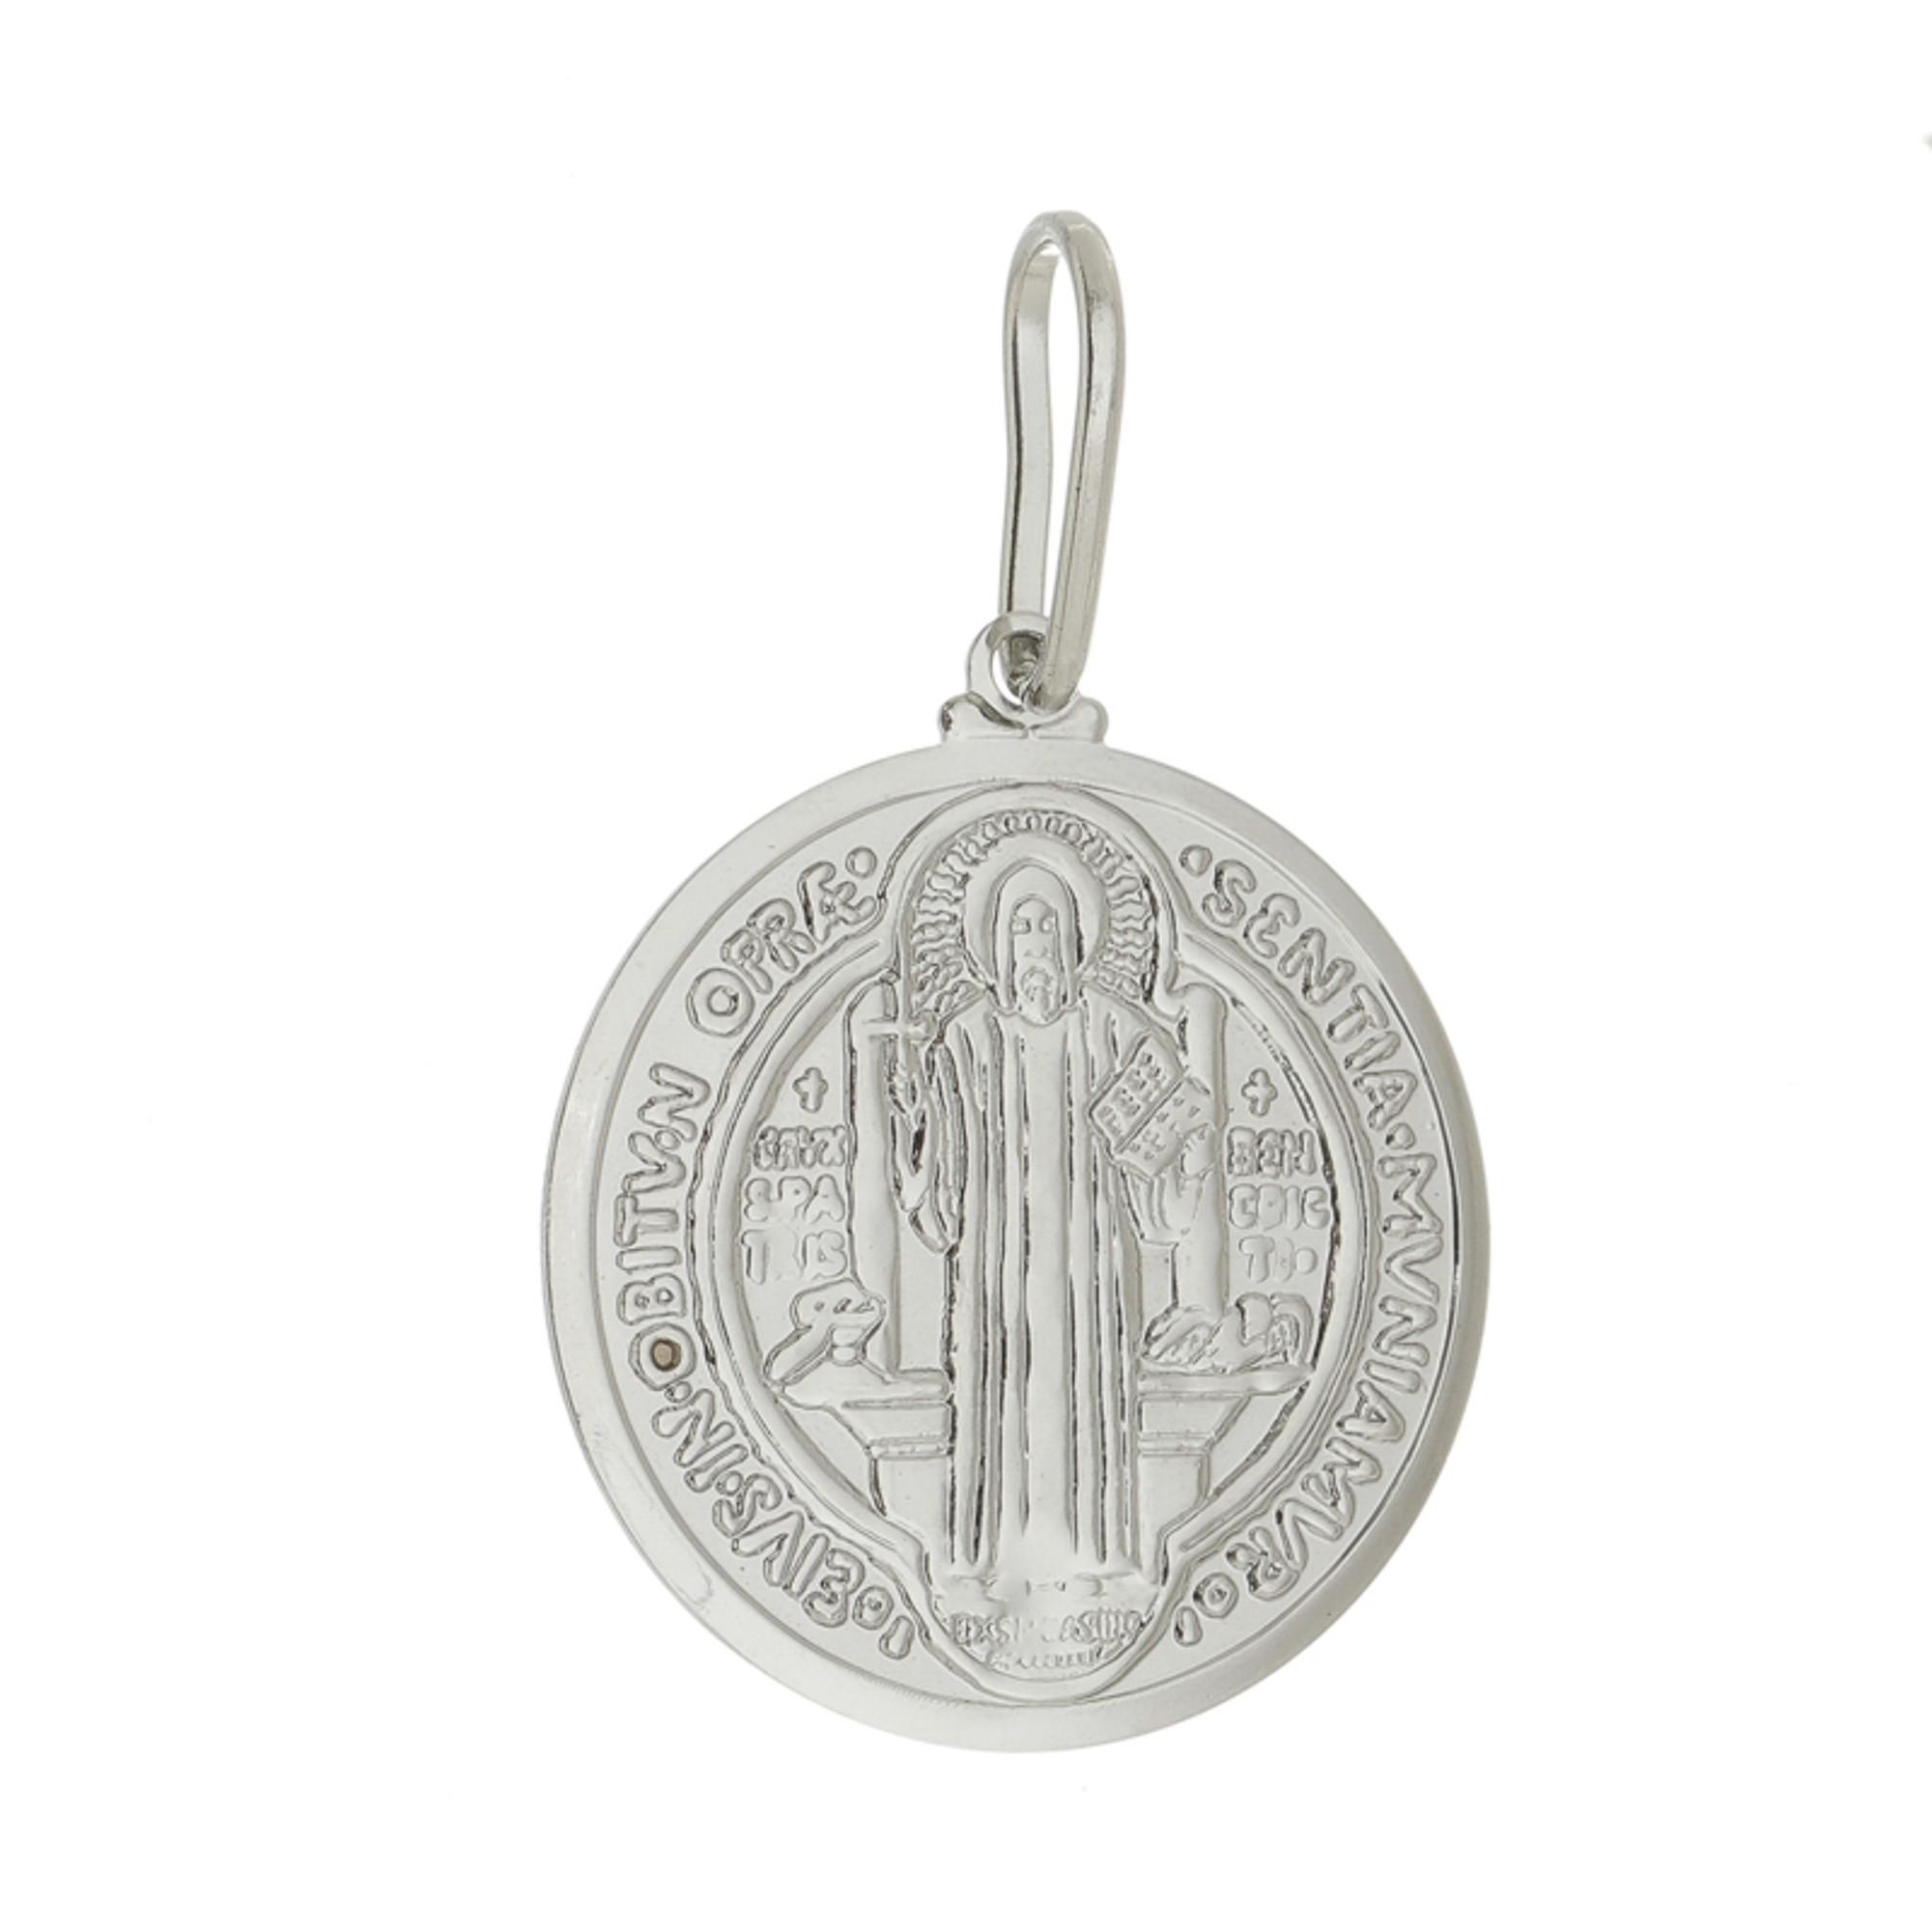 Colar medalha de São Bento folheado a ouro 18k ou rhodium